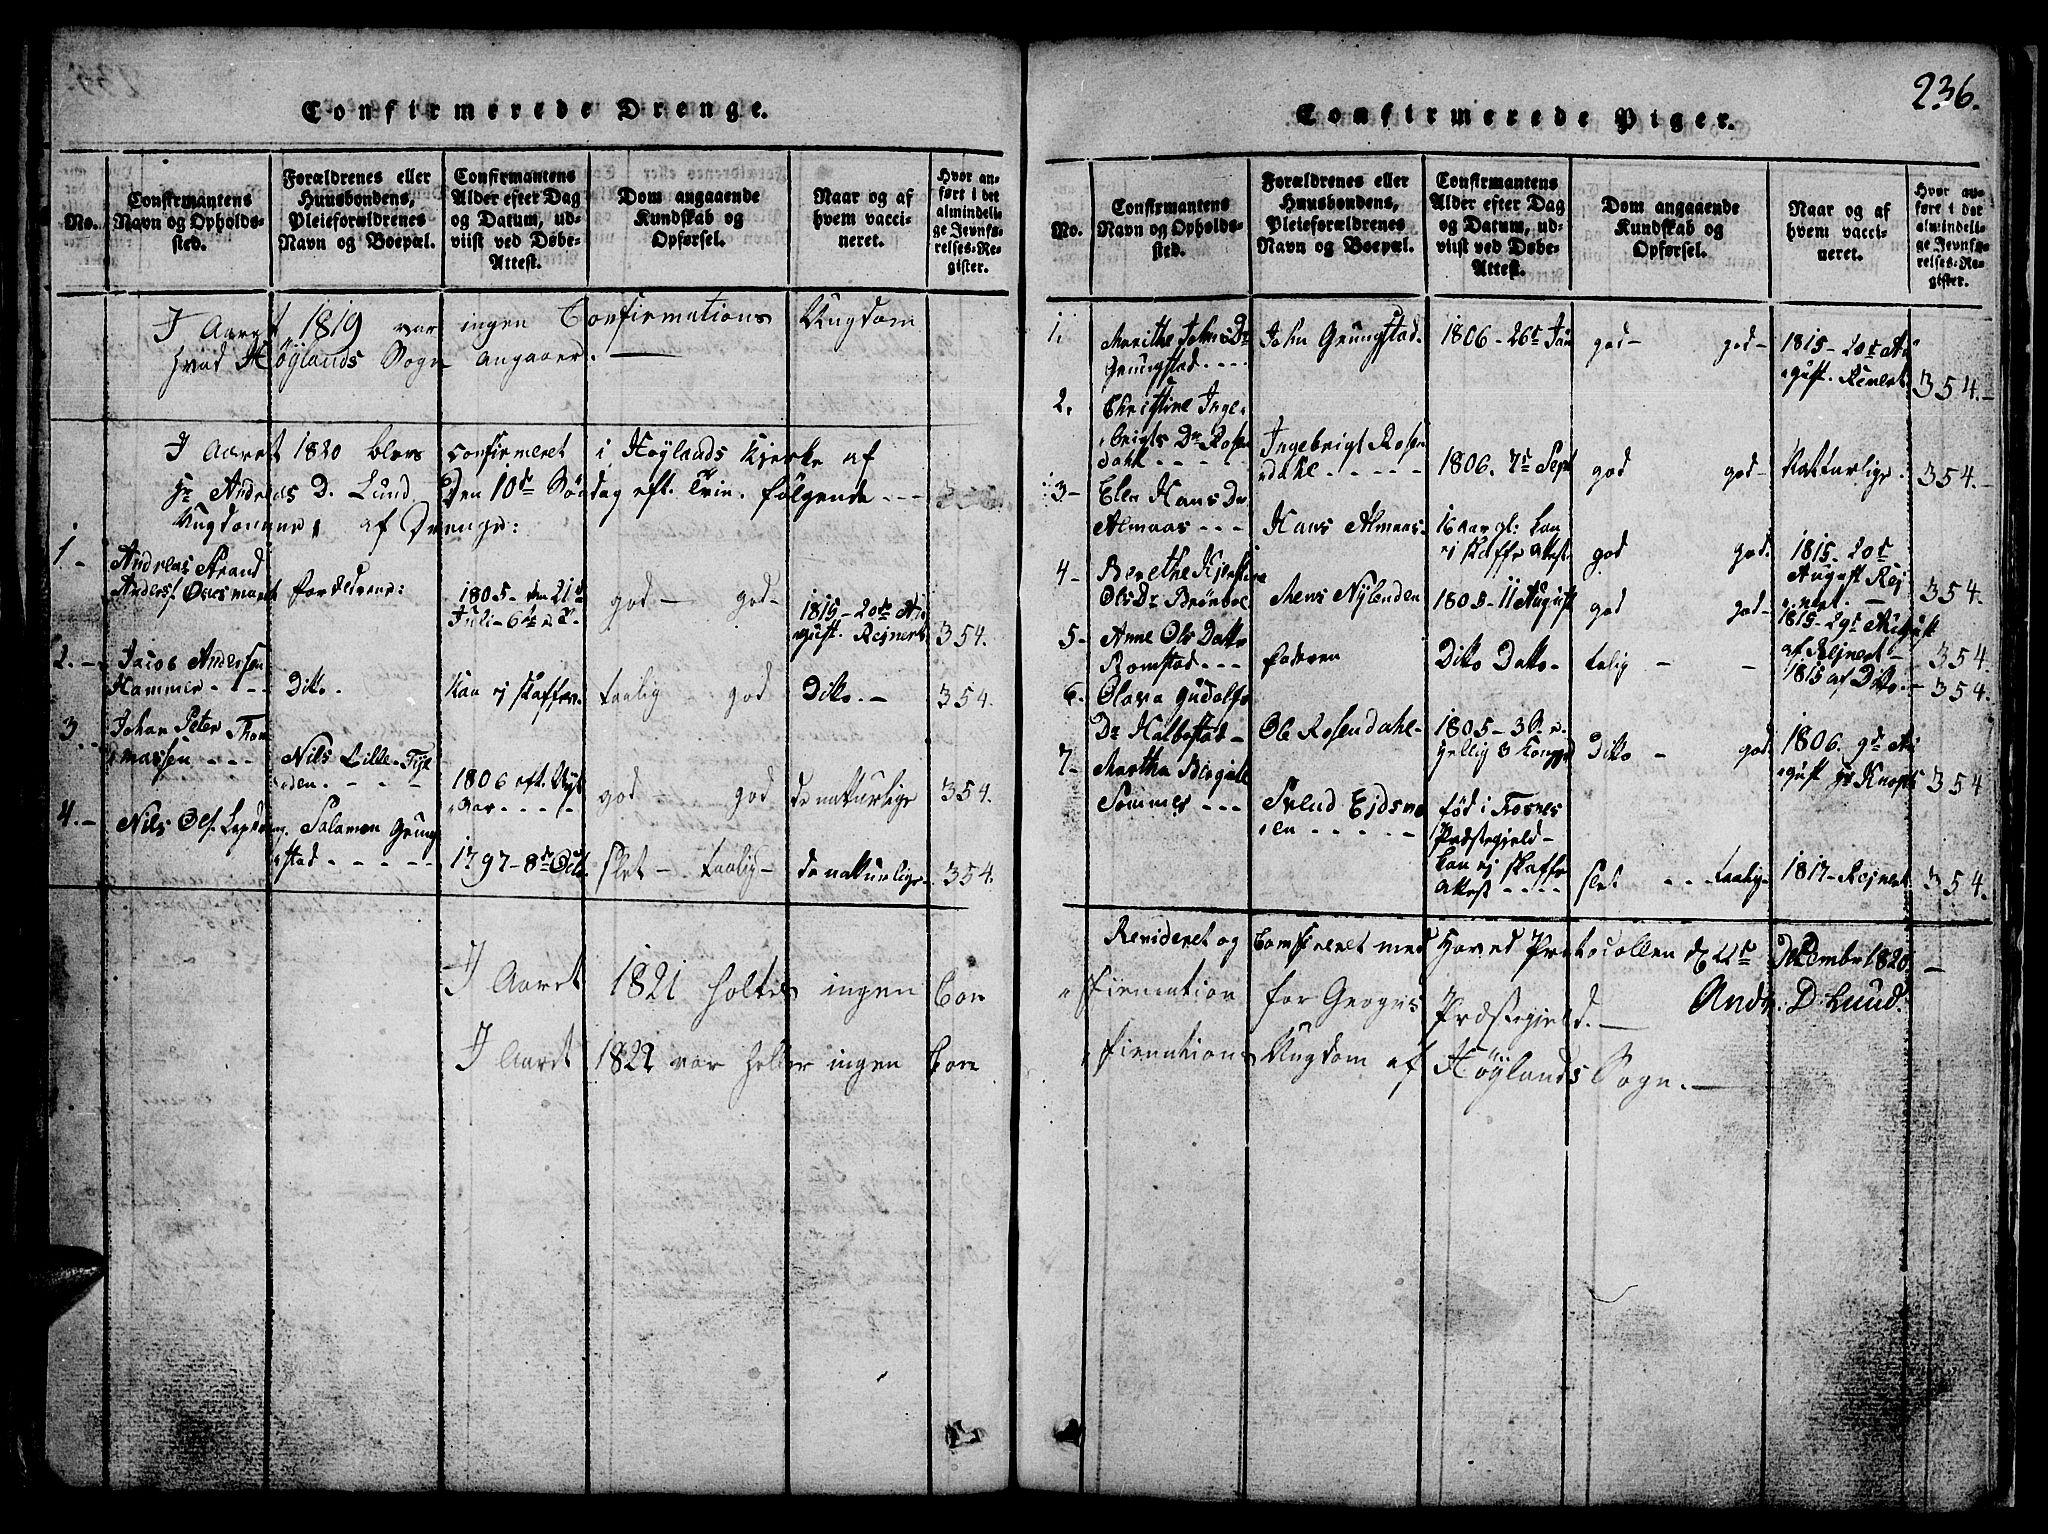 SAT, Ministerialprotokoller, klokkerbøker og fødselsregistre - Nord-Trøndelag, 765/L0562: Klokkerbok nr. 765C01, 1817-1851, s. 236